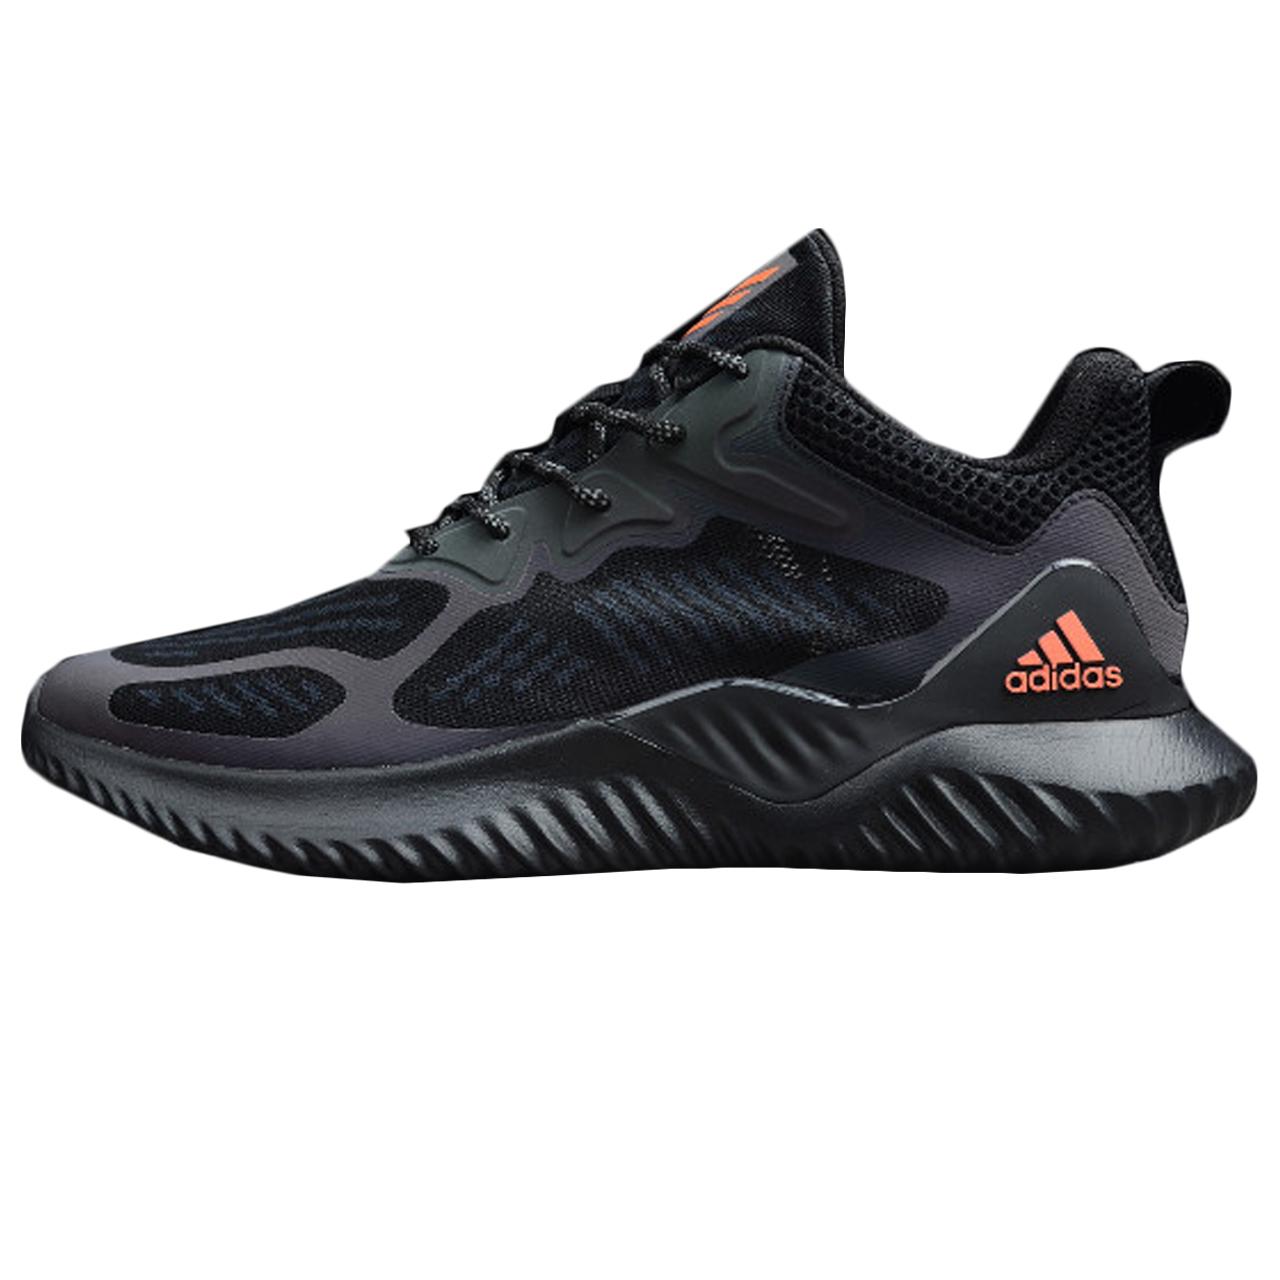 قیمت کفش مخصوص دویدن  مردانه ادیداس مدل  Alphabounce Beyond m  کد 225690